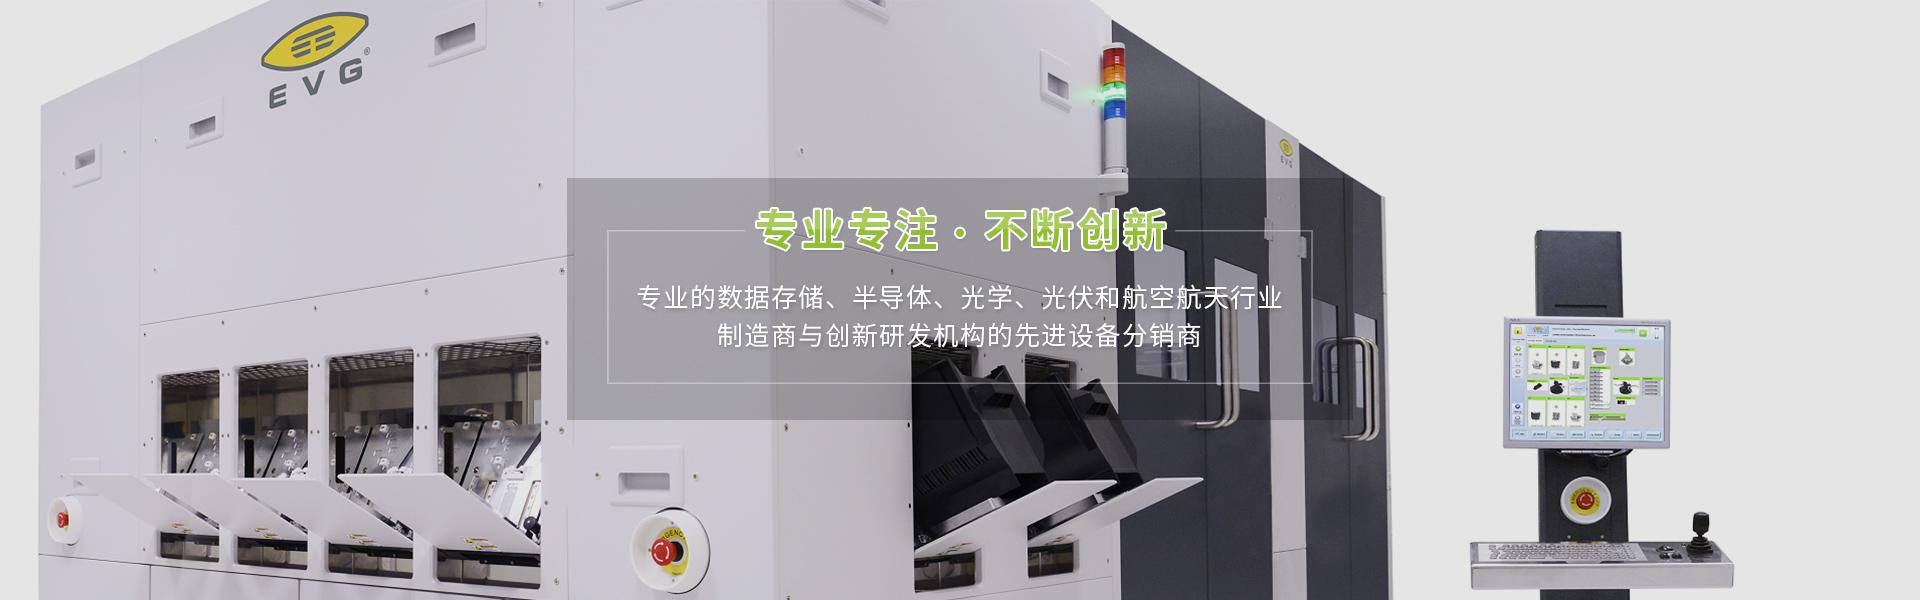 专业的数据存储、半导体、光学设备提供